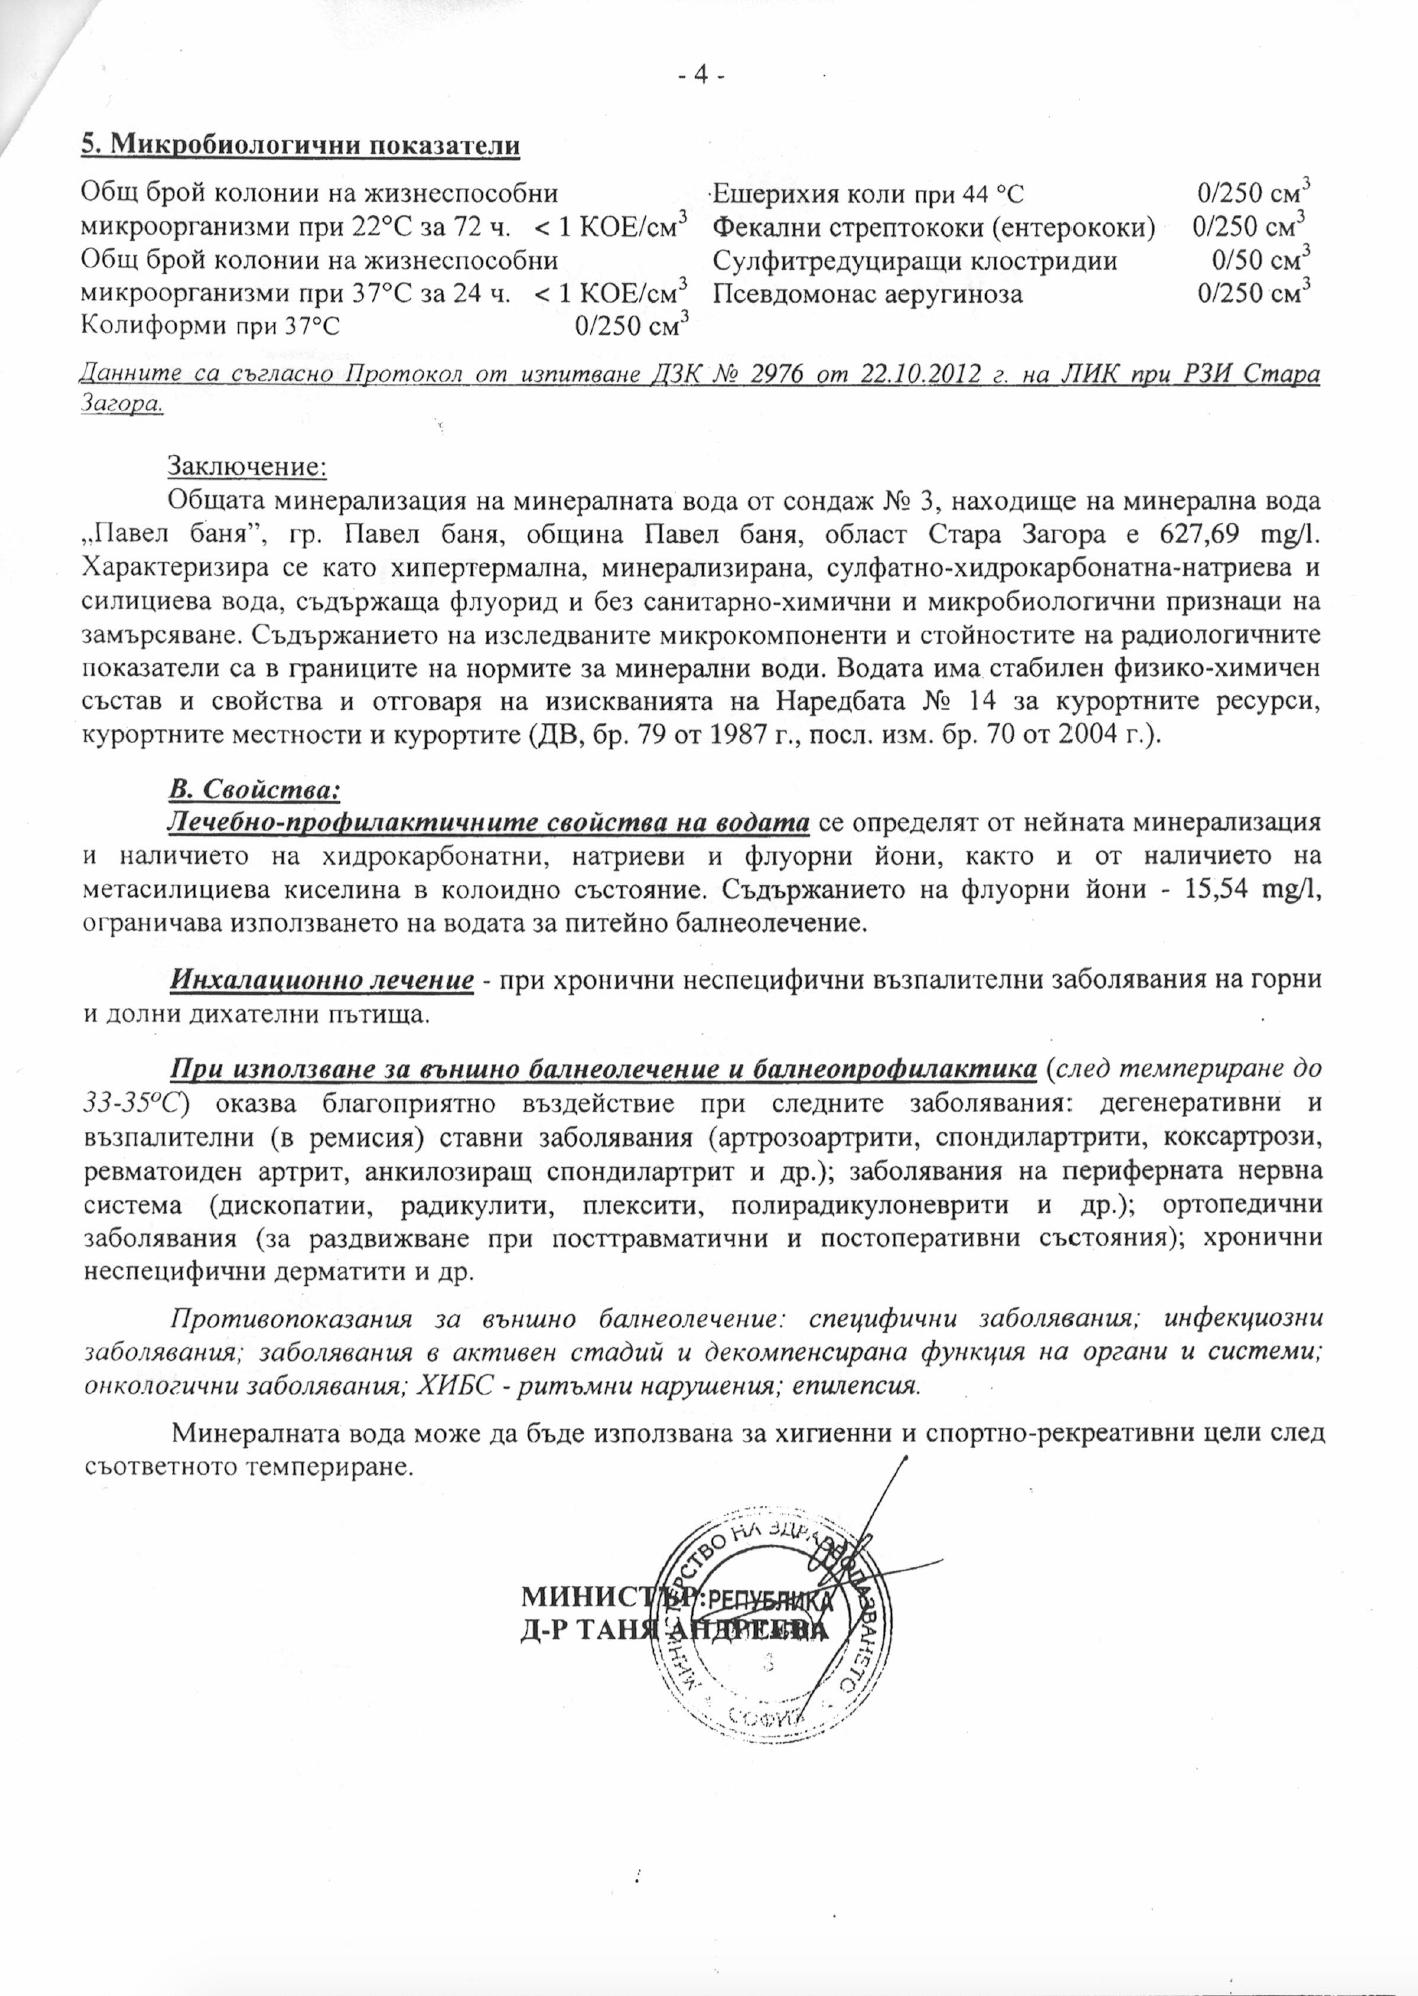 water_certificate_p4.png